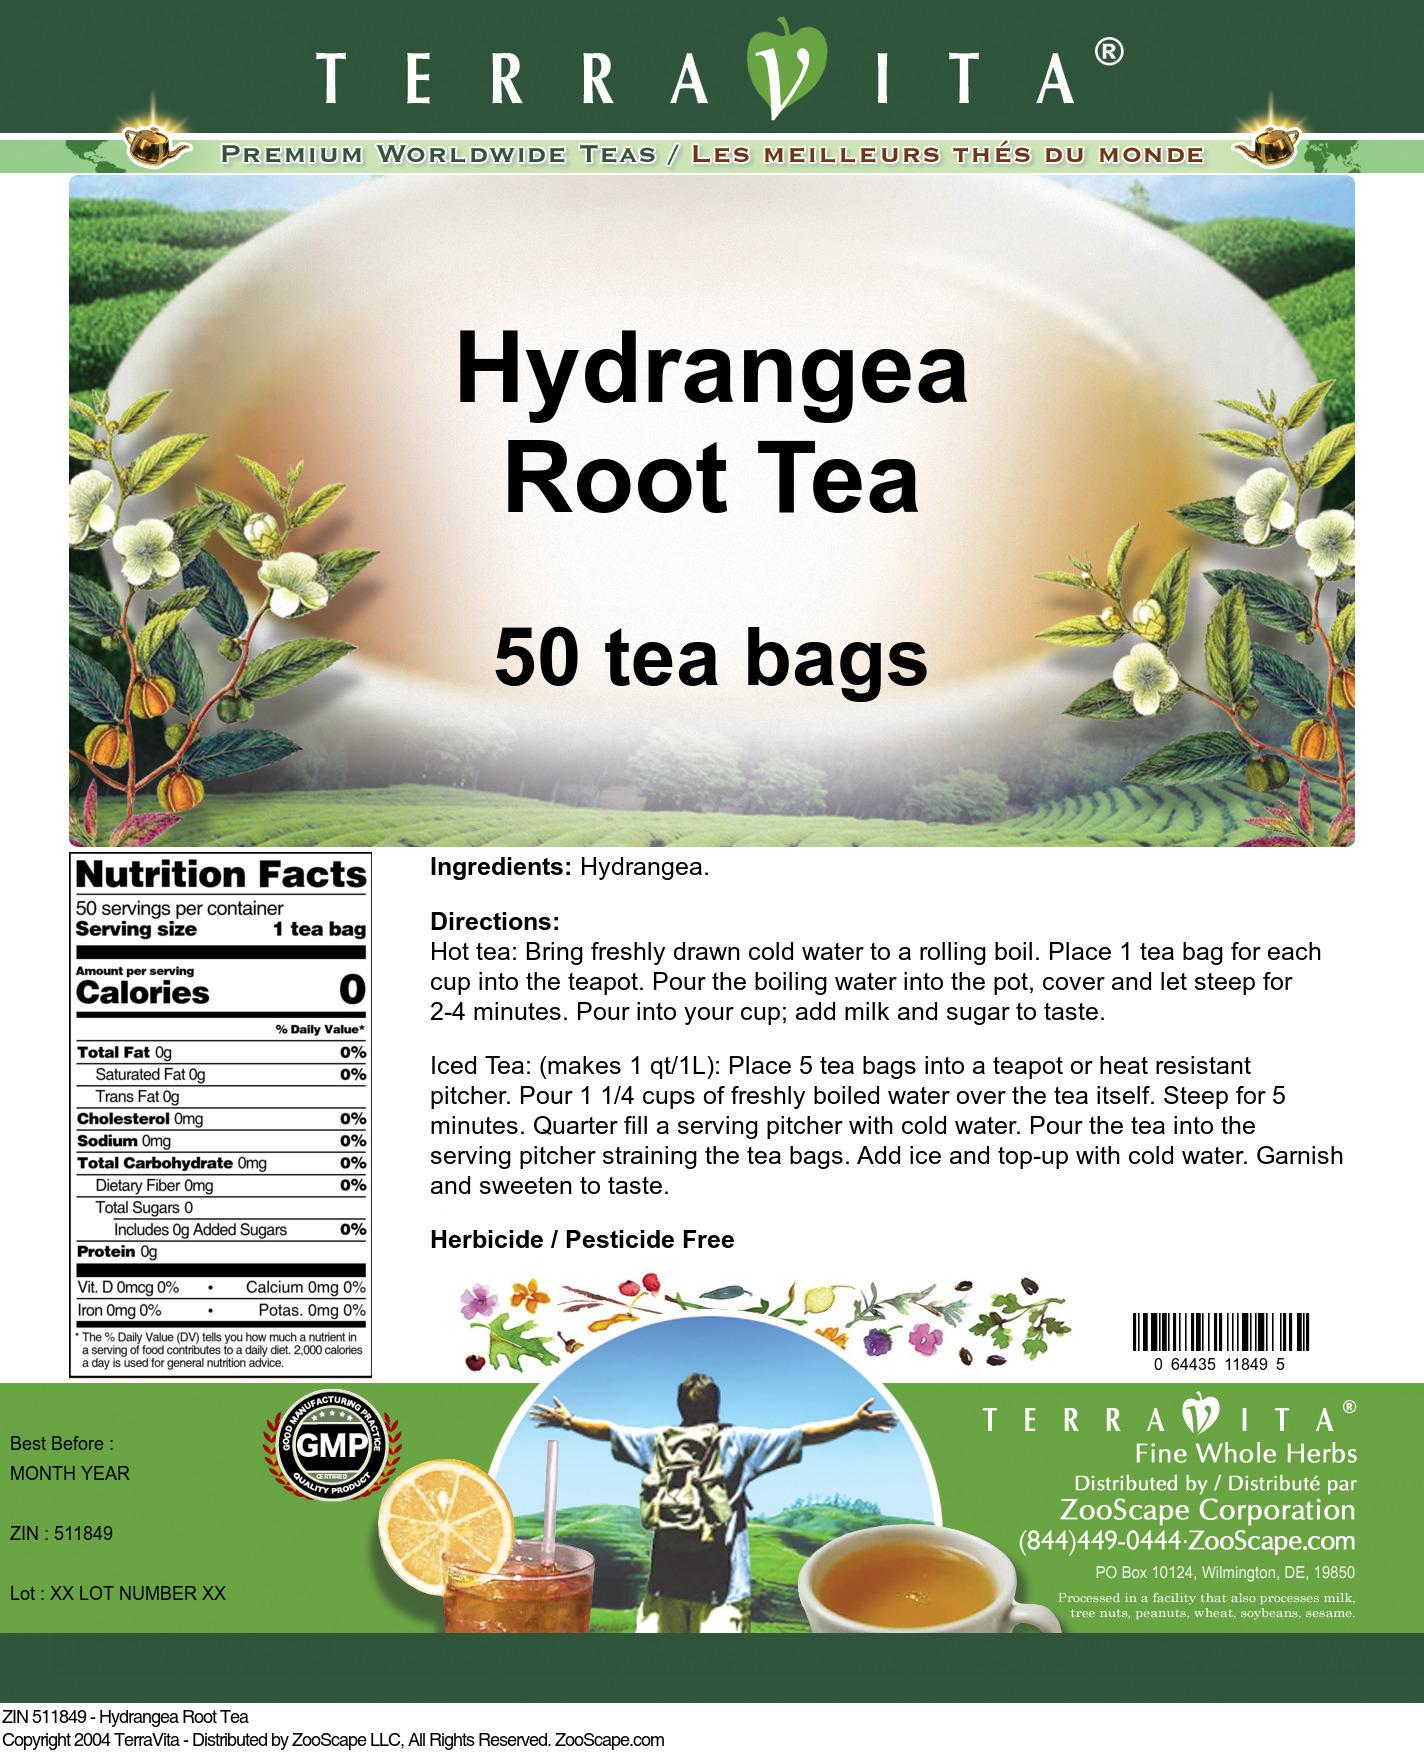 Hydrangea Root Tea